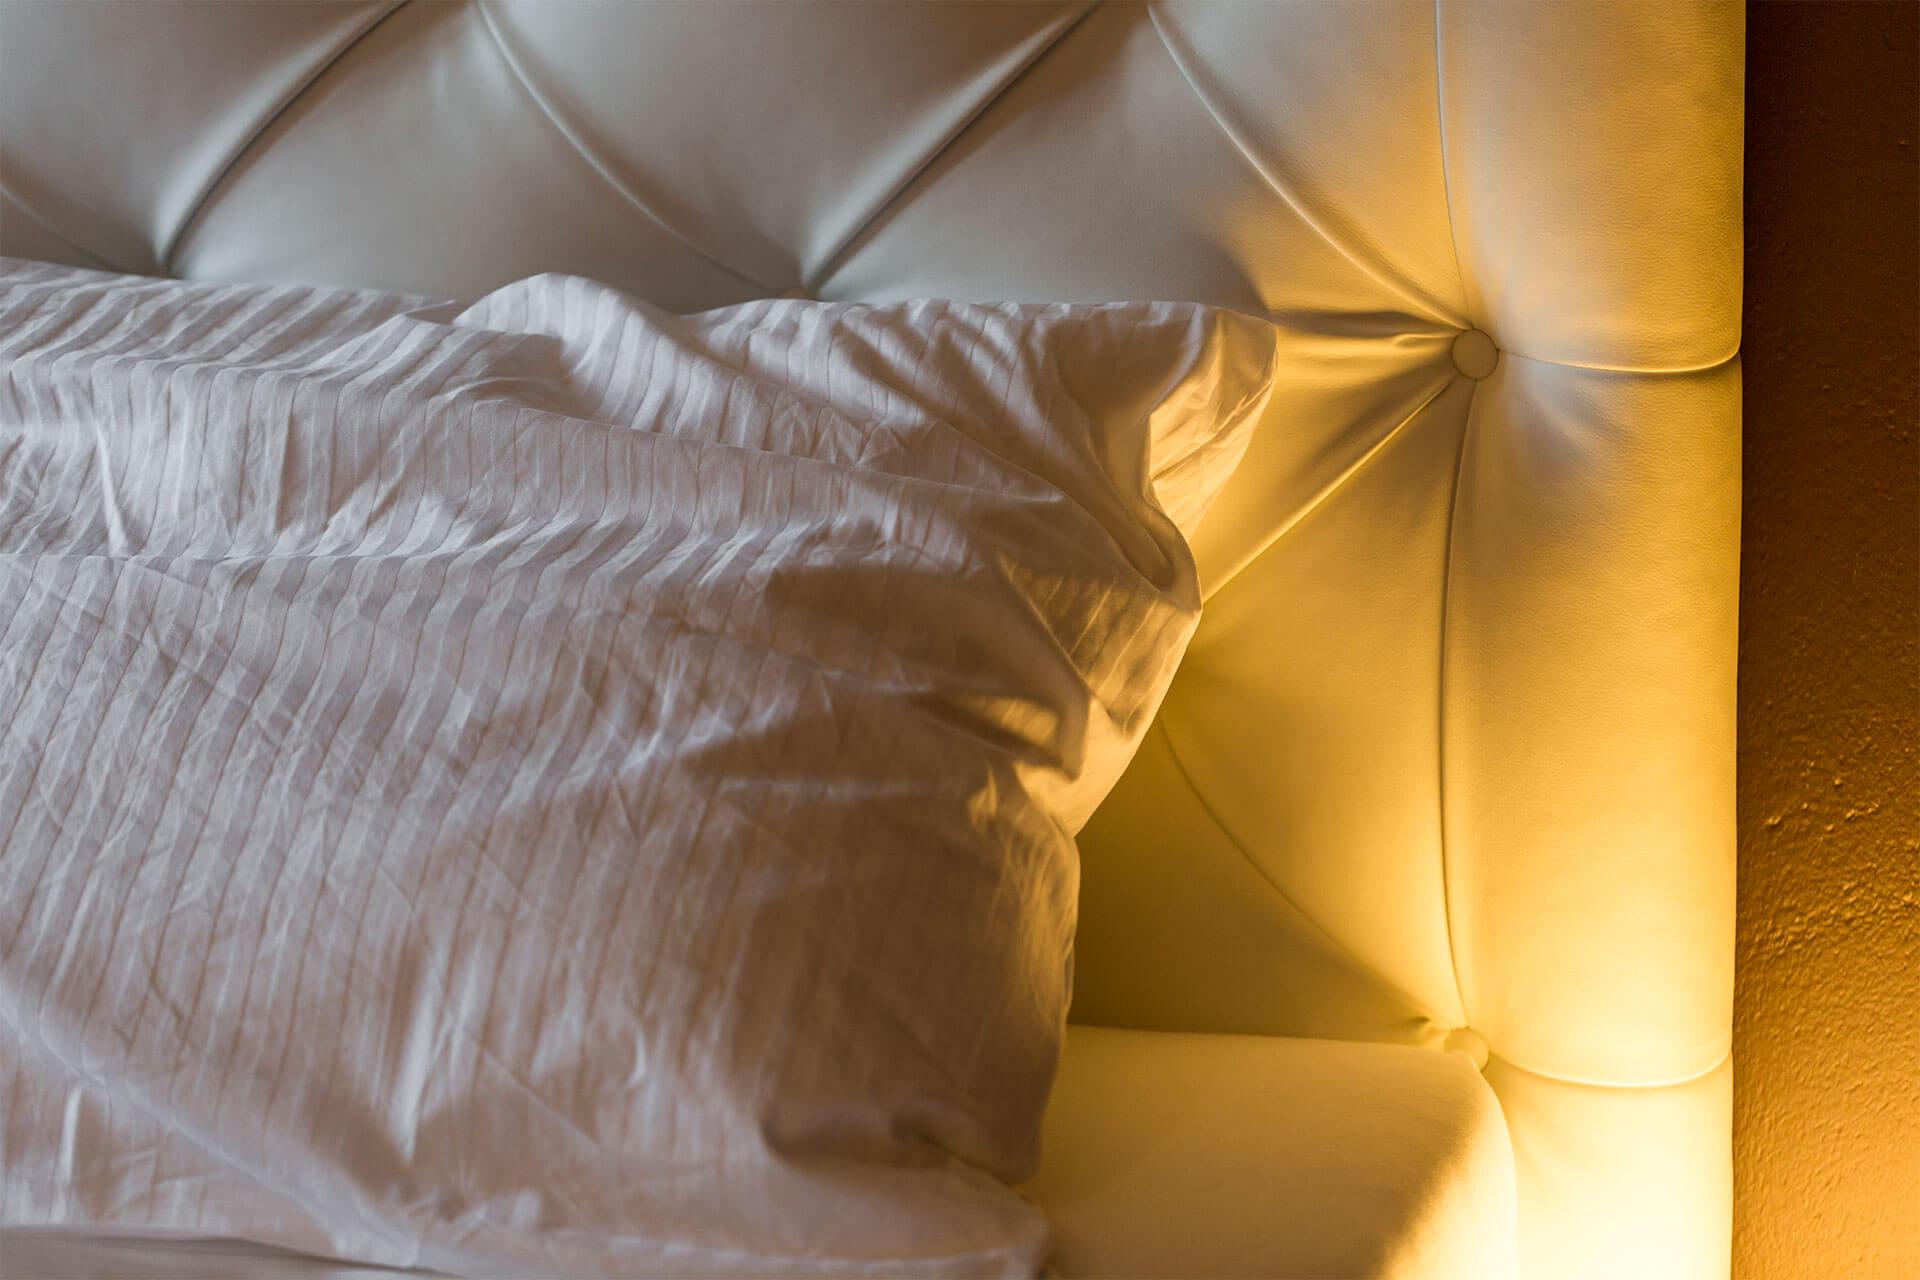 Kissen mit weißem Bezug auf dem Boxspring Bett